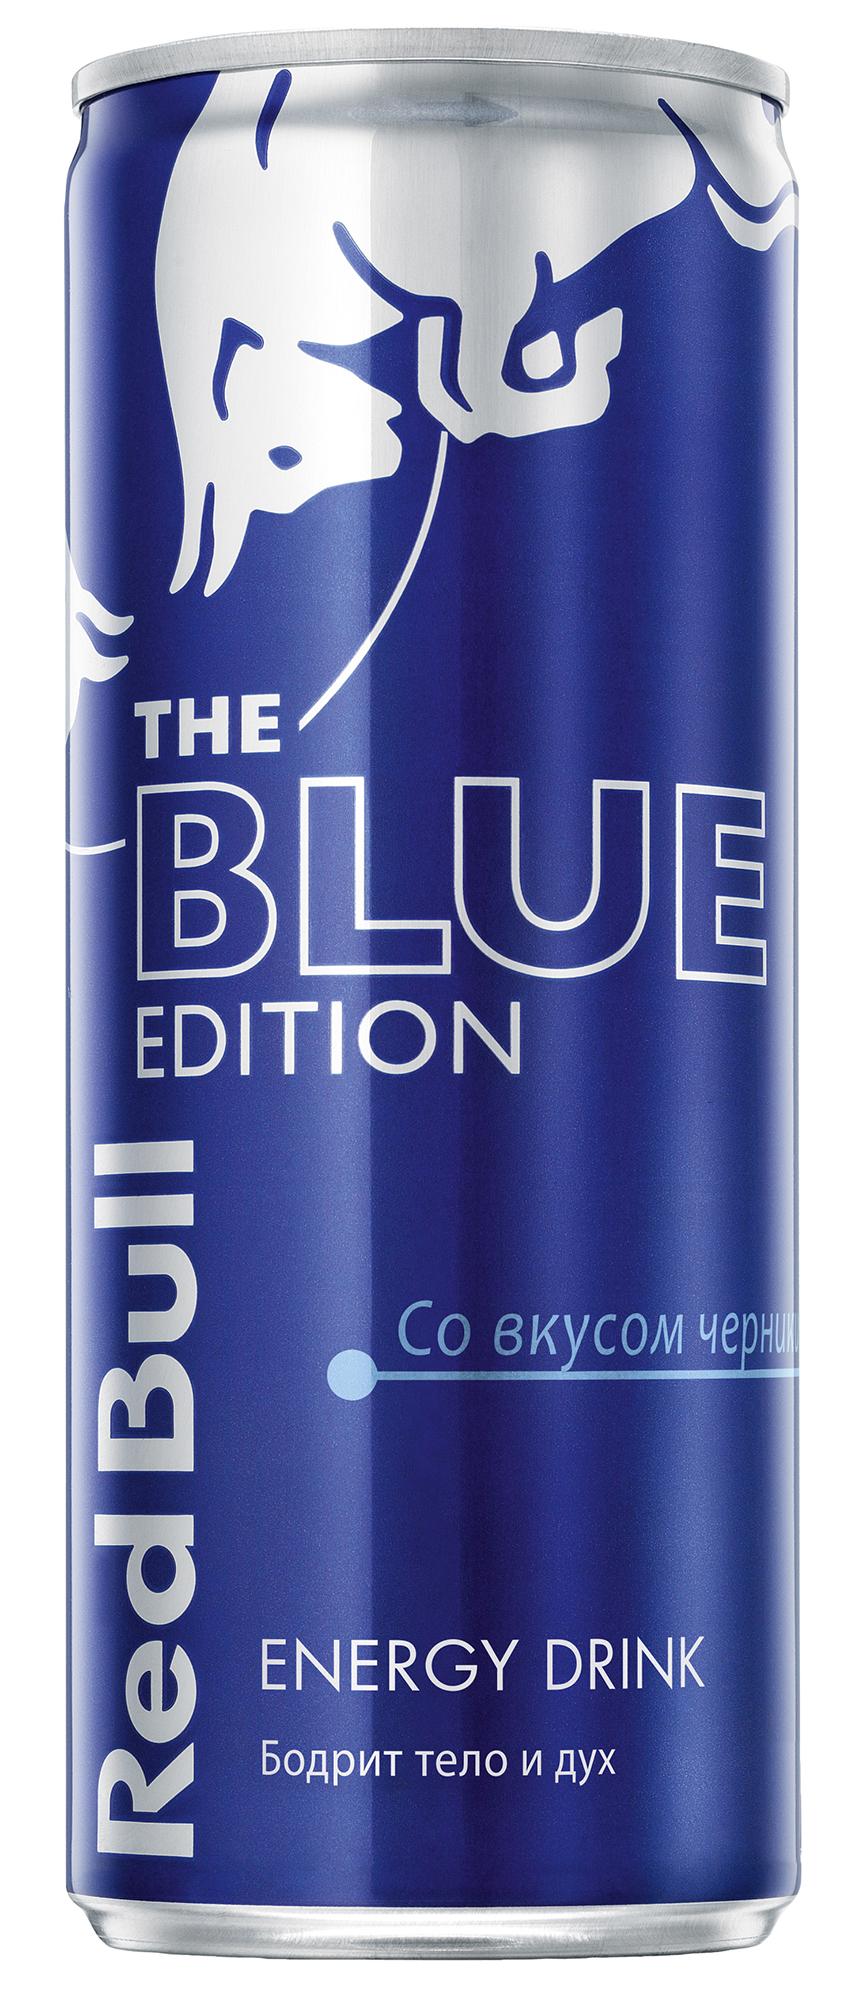 Напиток энергетический Red Bull. The Blue Edition (вкус черники) (250 мл.)